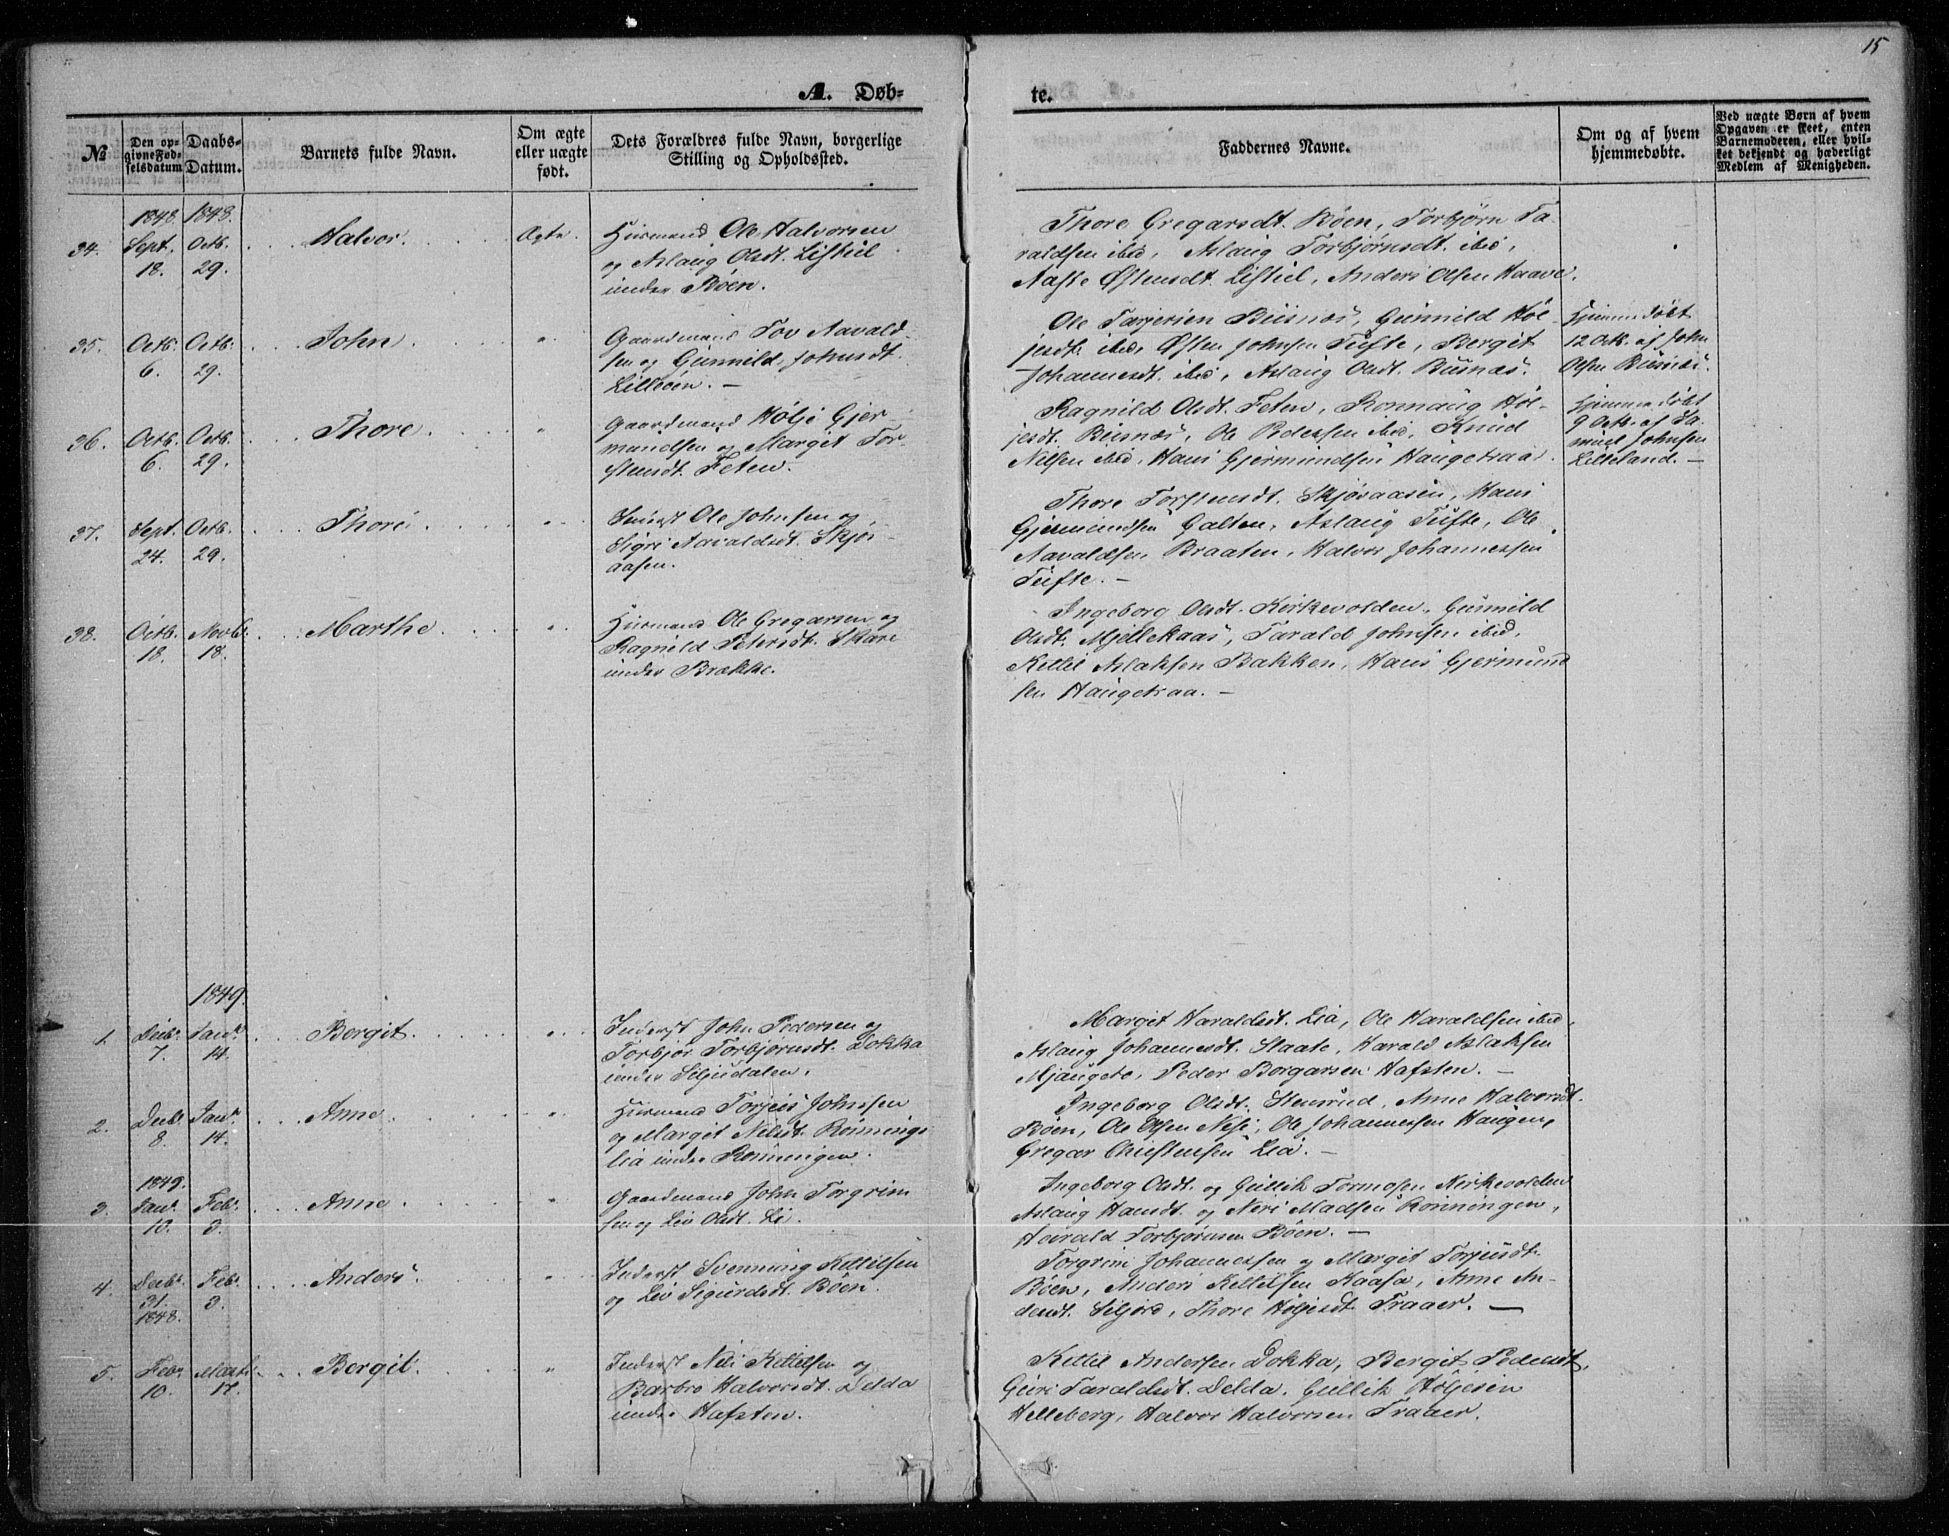 SAKO, Gransherad kirkebøker, F/Fa/L0002: Ministerialbok nr. I 2, 1844-1859, s. 15